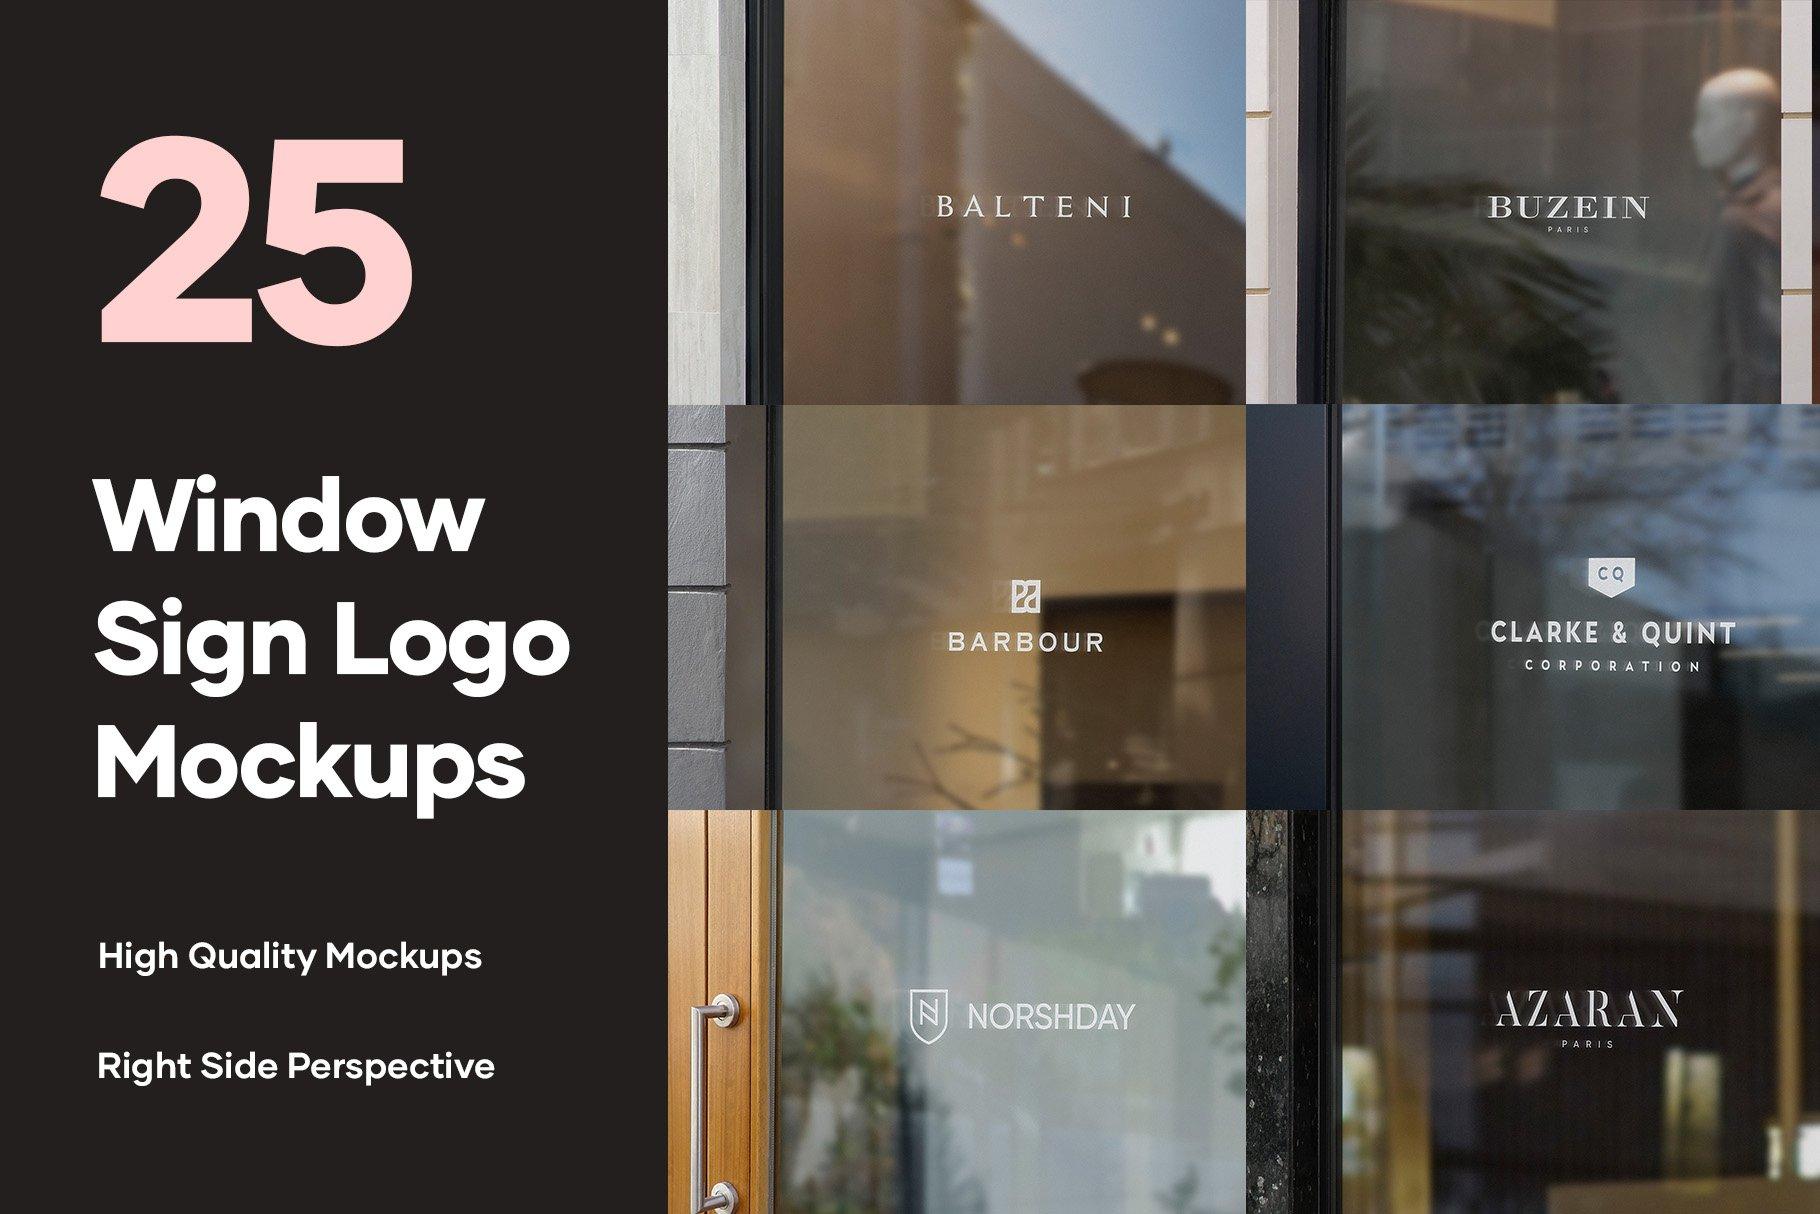 [单独购买] 25款街头门店玻璃窗户徽标标牌Logo设计展示样机模板合集 25 Window Signs Logo Mockups – V2插图